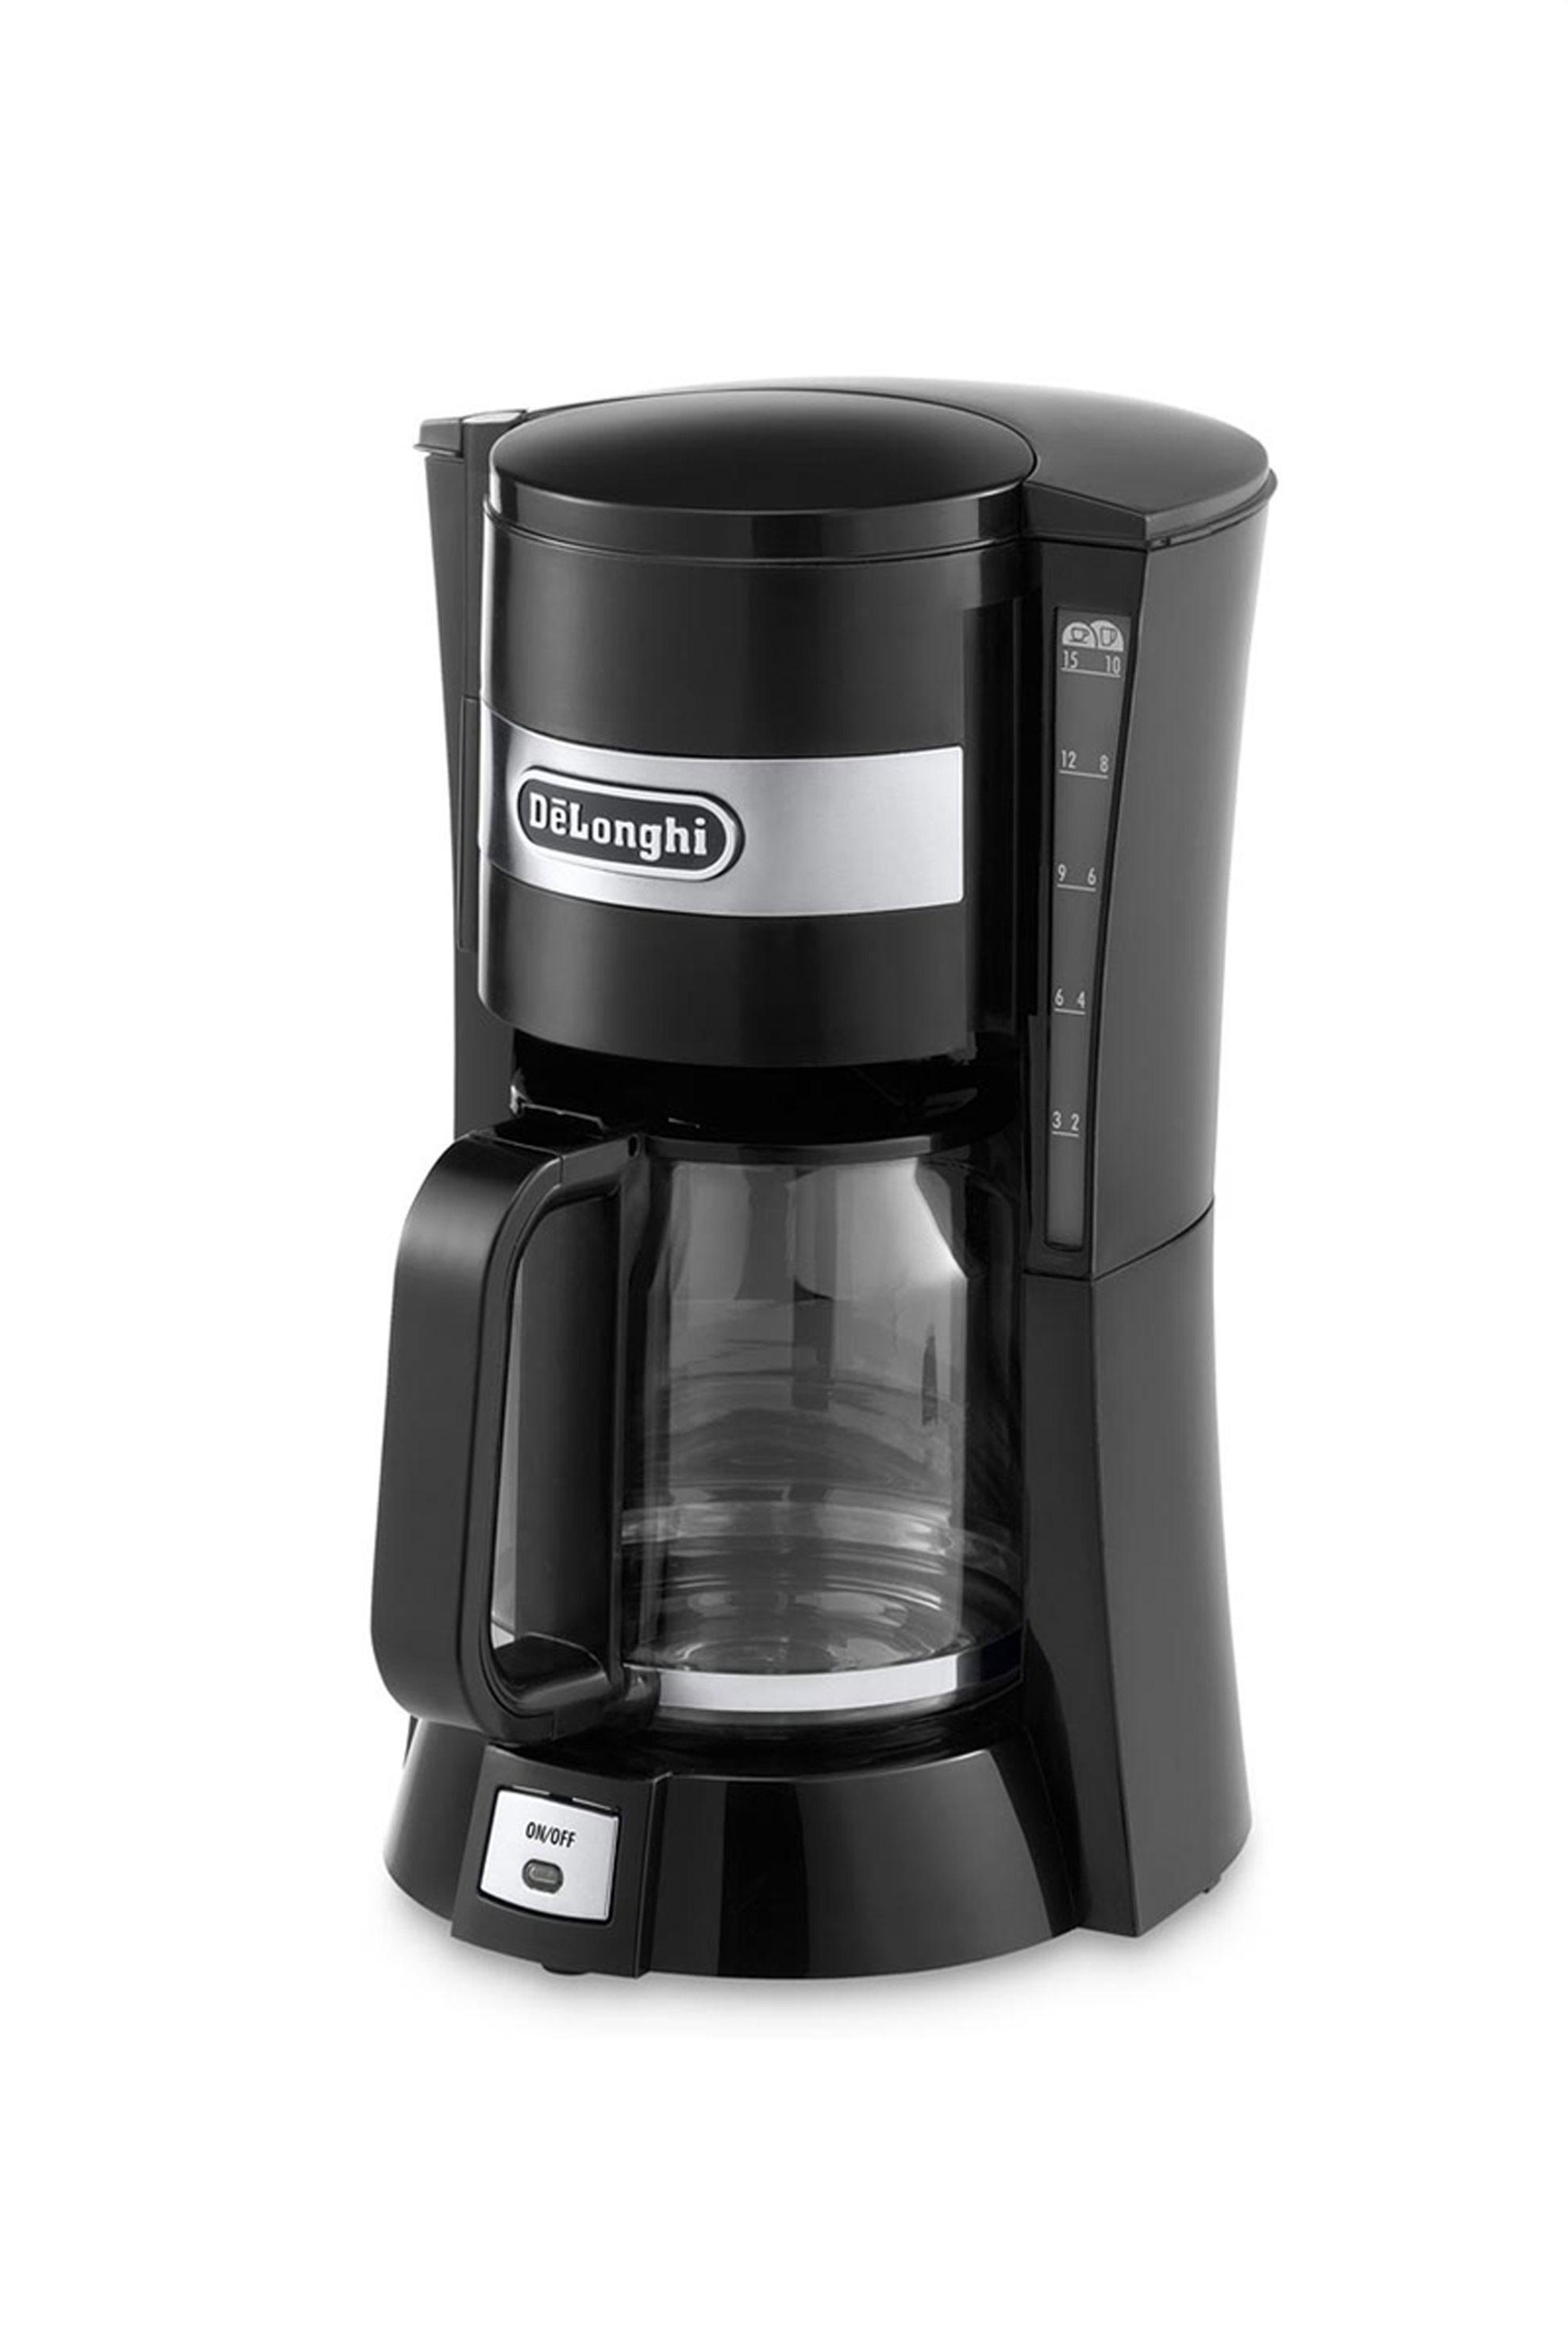 Καφετιέρα φίλτρου ICM15210.1 De'Longhi - 0132301081 home   μικρεσ οικιακεσ συσκευεσ   καφετιέρες   καφετιέρες φίλτρου